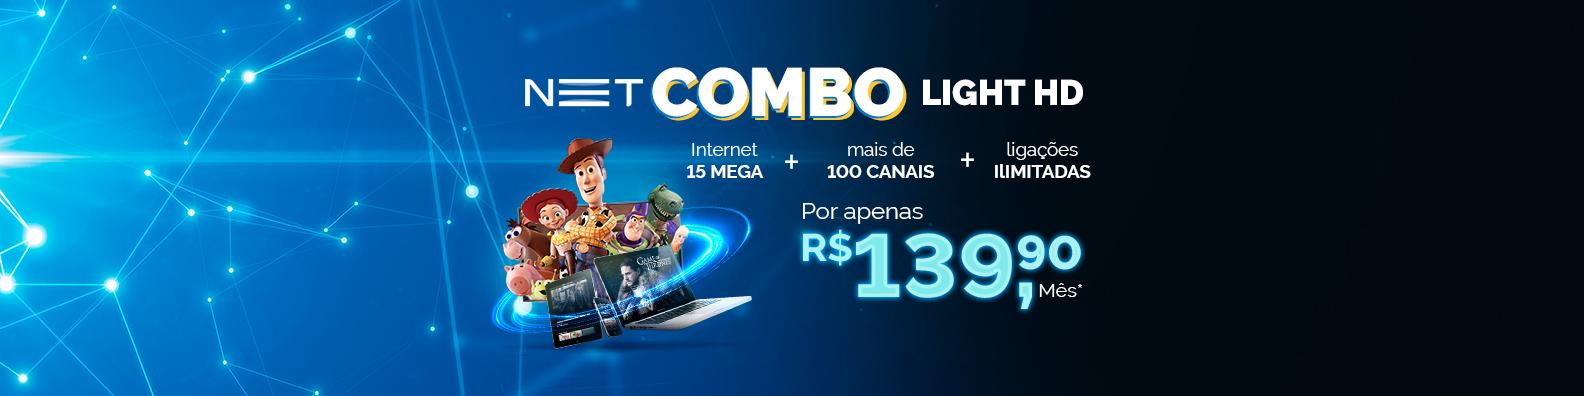 NET Vírtua 120 MEGA por R$139,90 no combo*